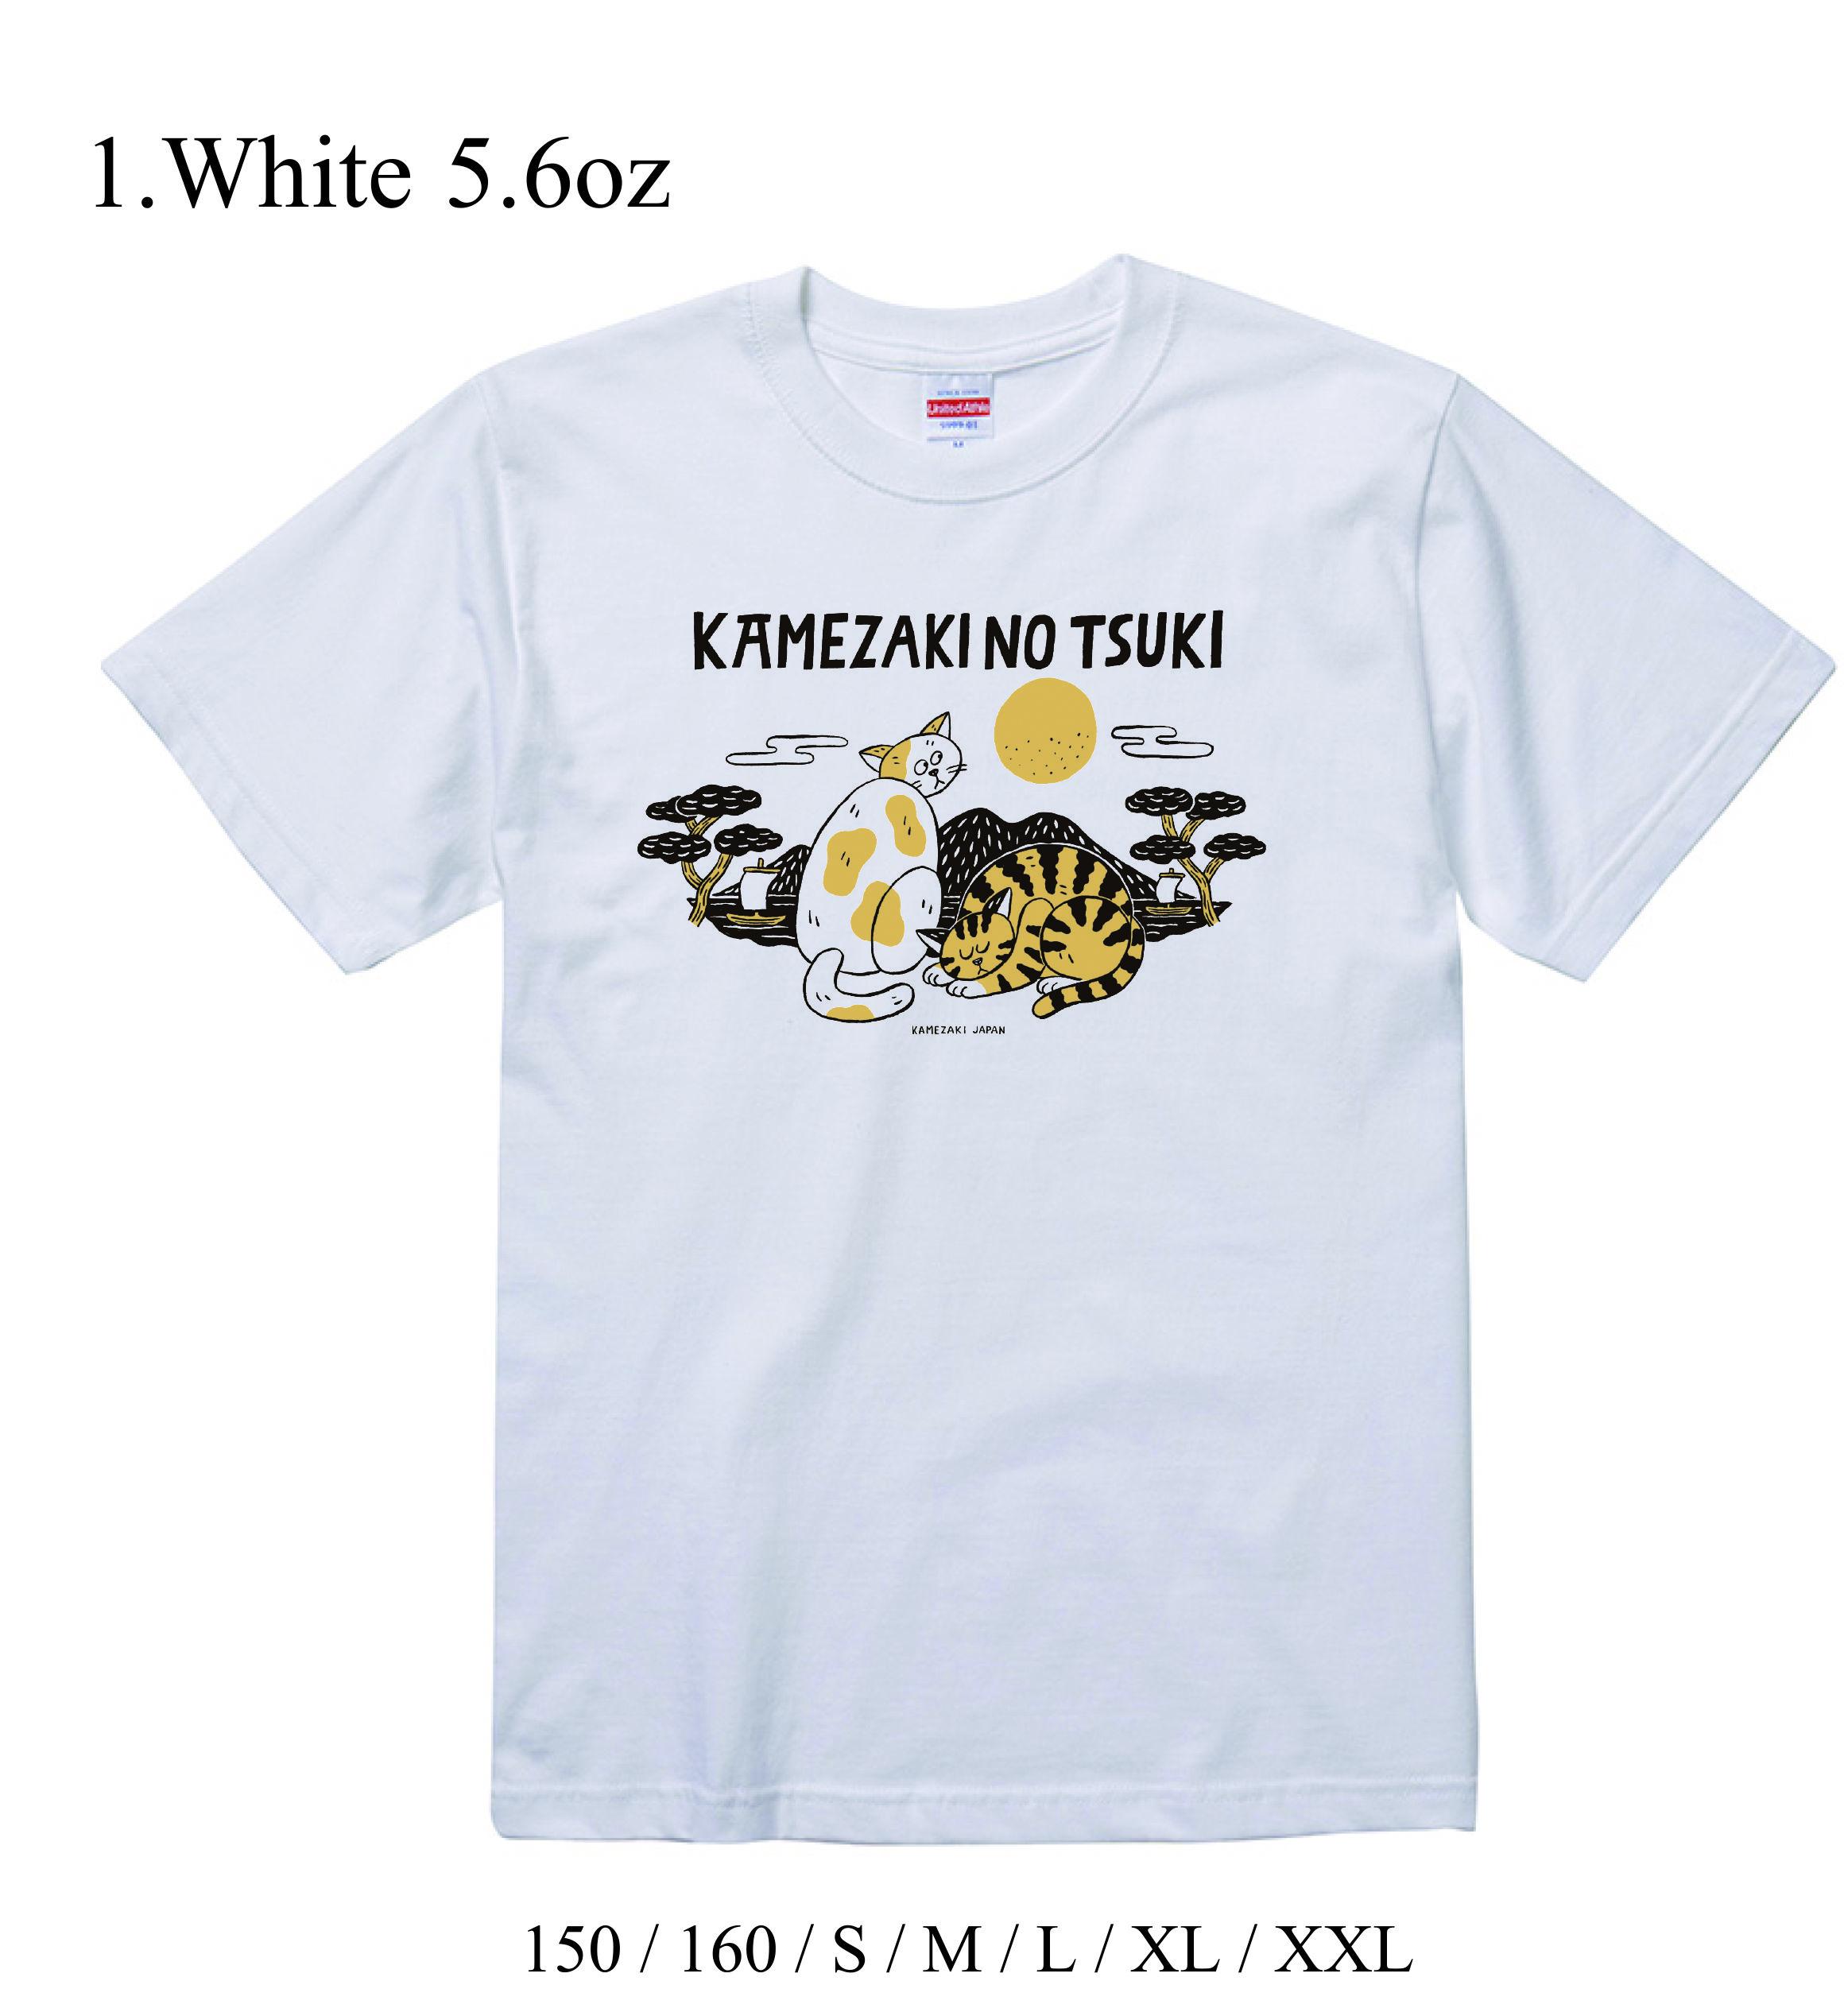 KAMEZAKI NO TSUKI T-shirts White